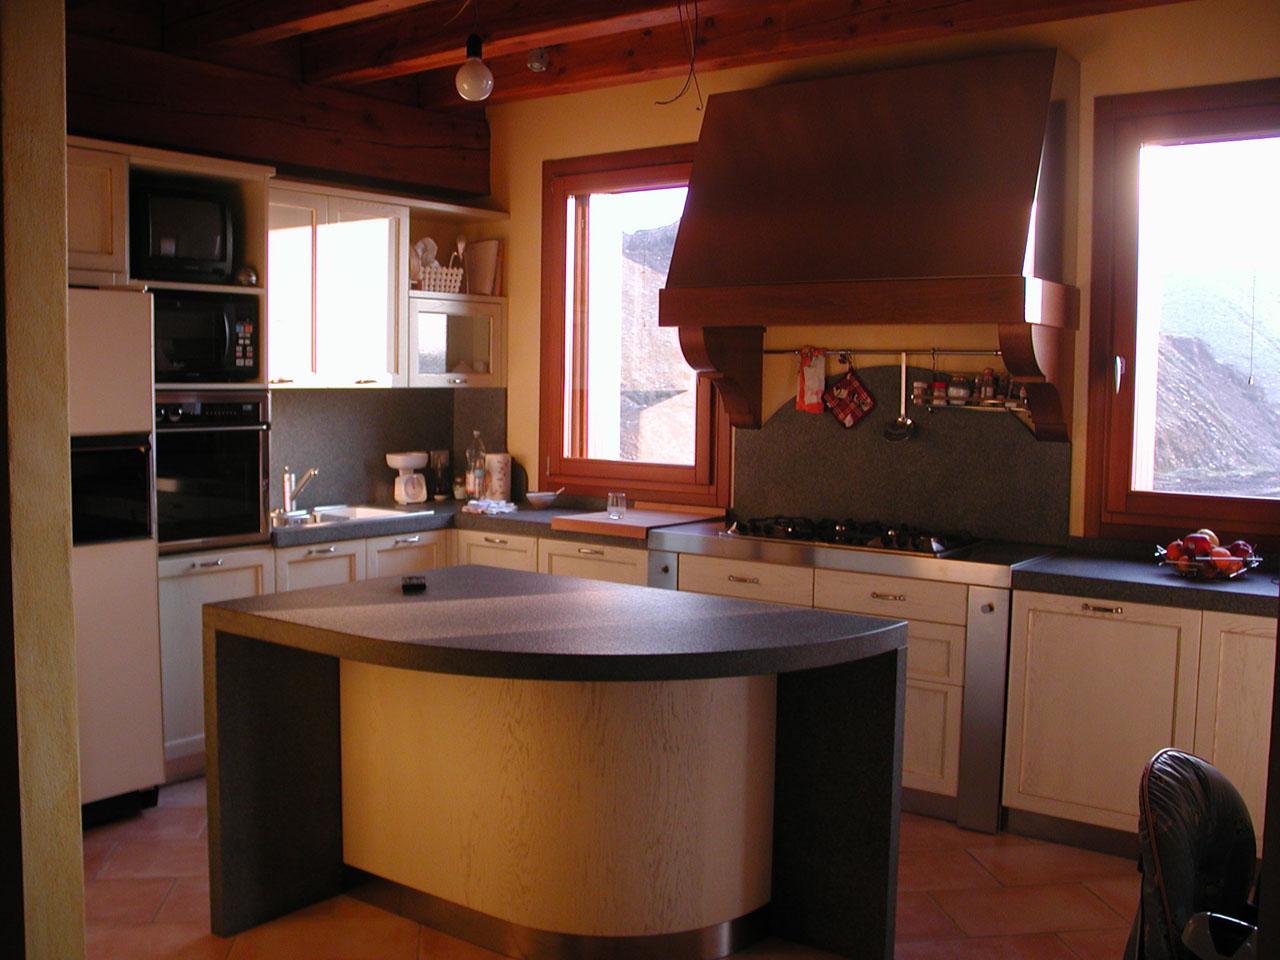 Cucine in muratura con isola centrale cucina con isola for Costo cucina con isola